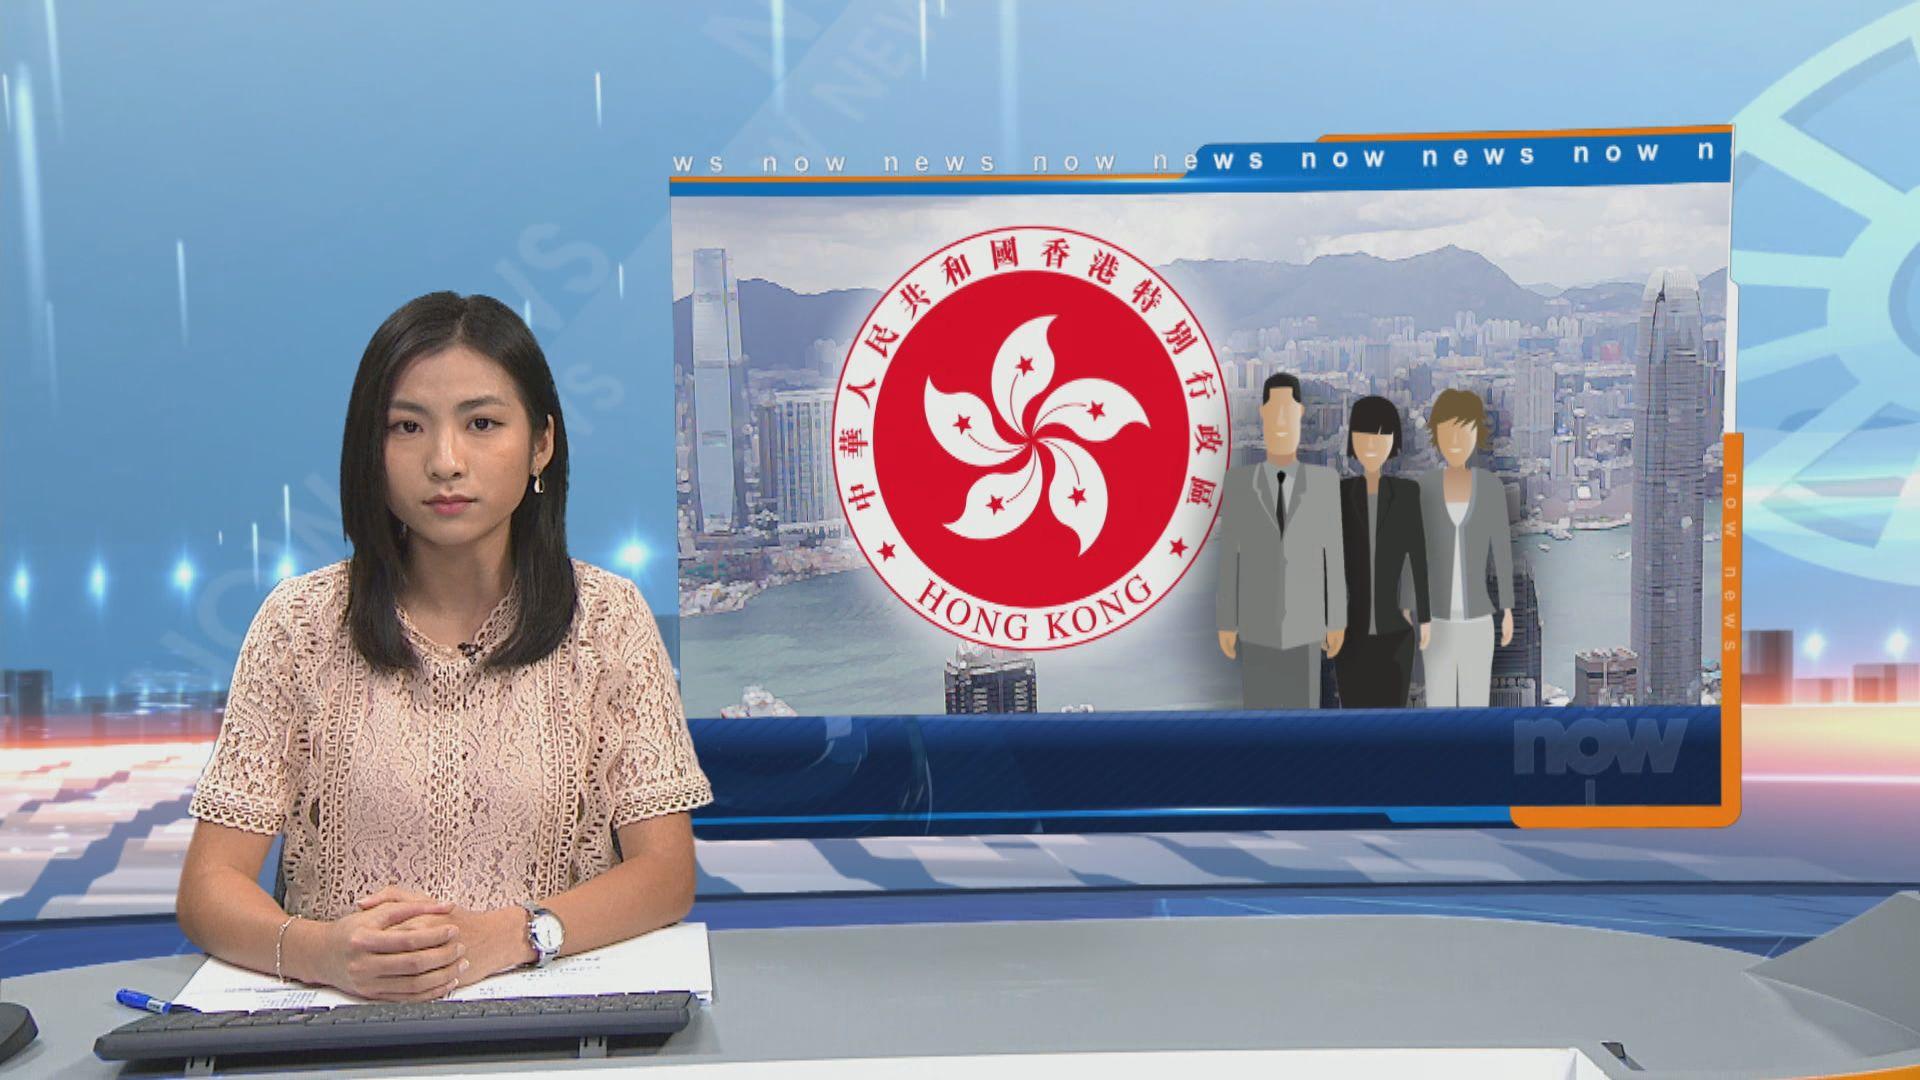 林鄭月娥:政府會觀察試用期內公務員言行是否適合